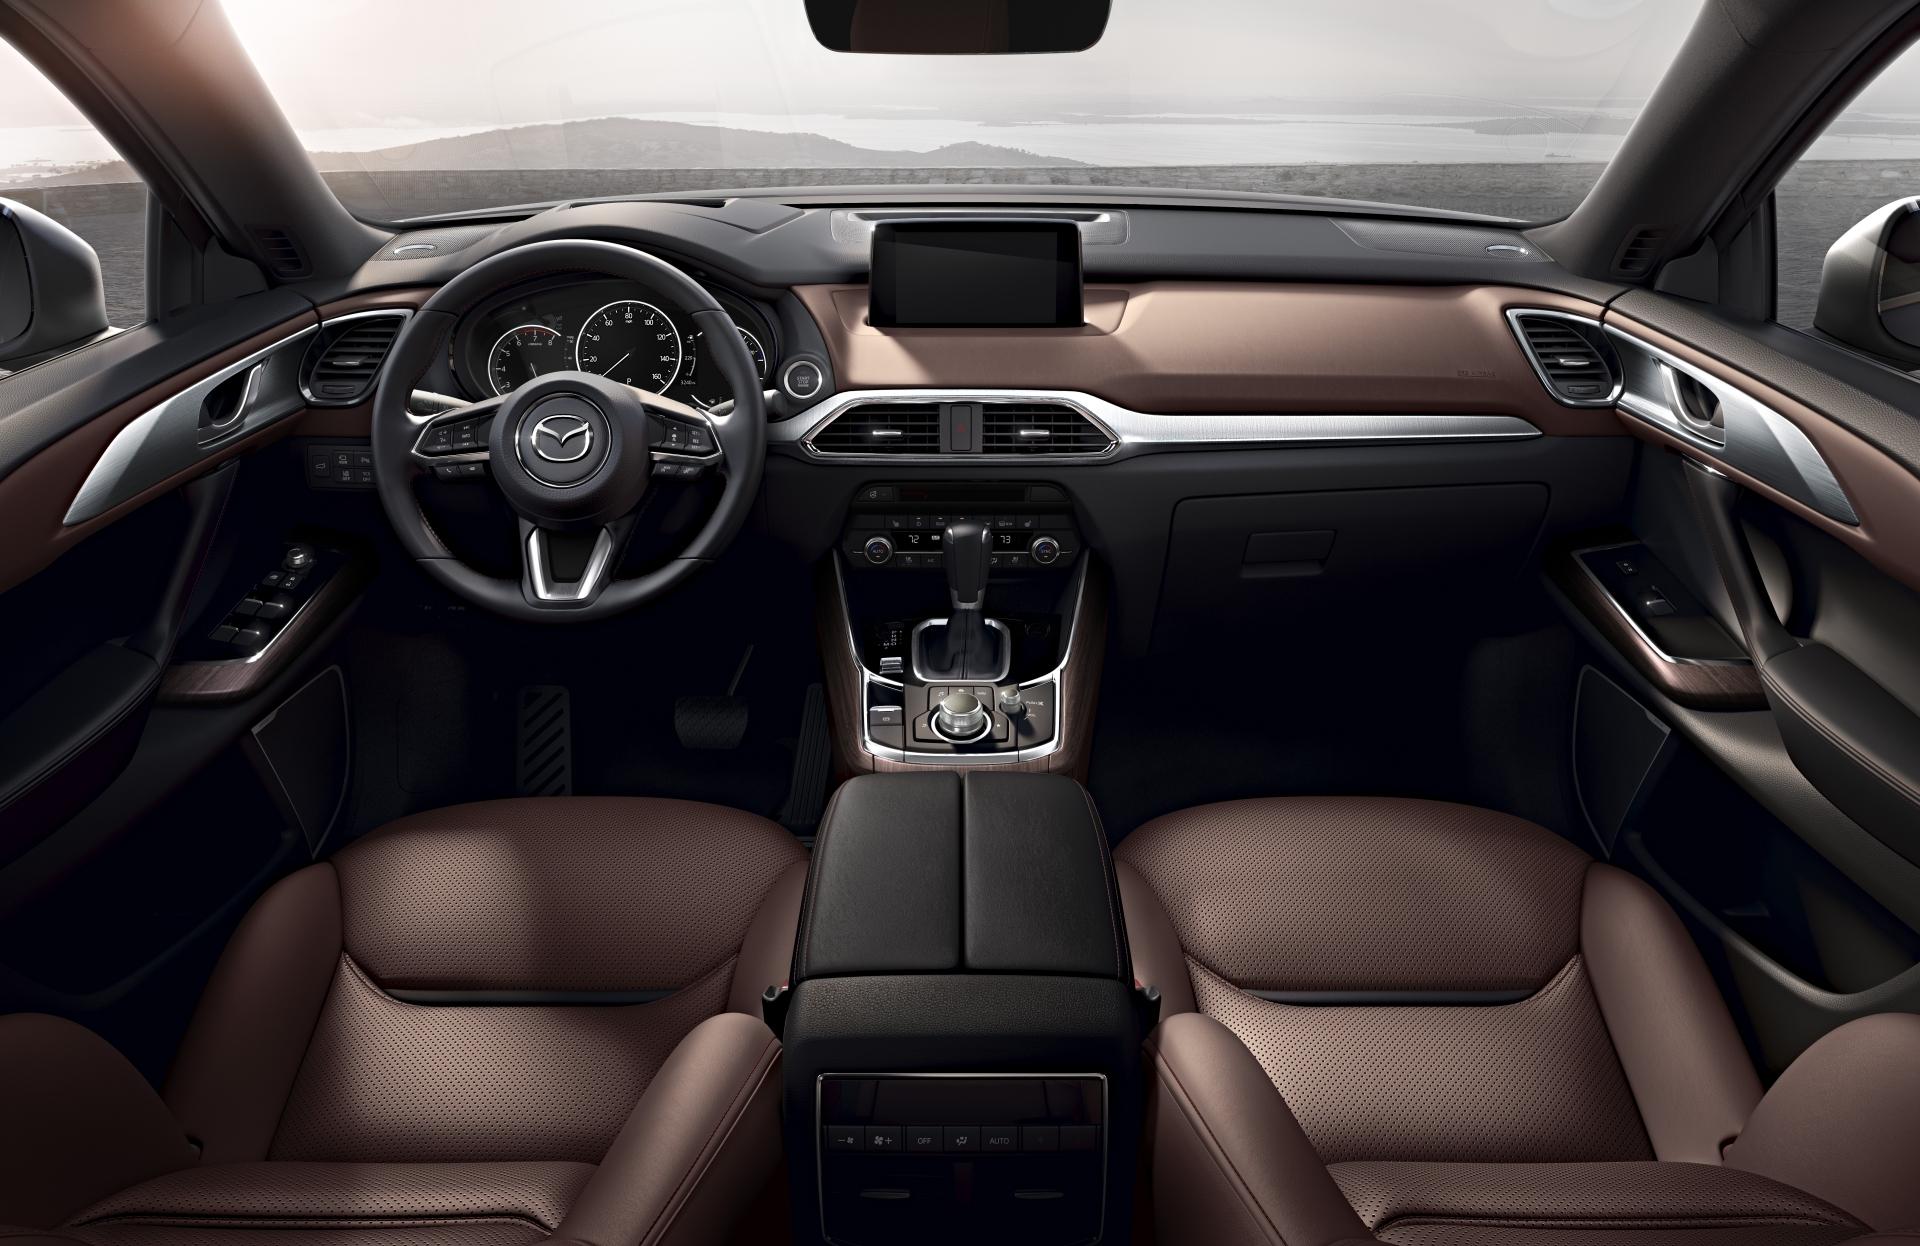 2019 Mazda Cx 9 Tech Upgrades Retuned Suspension And More